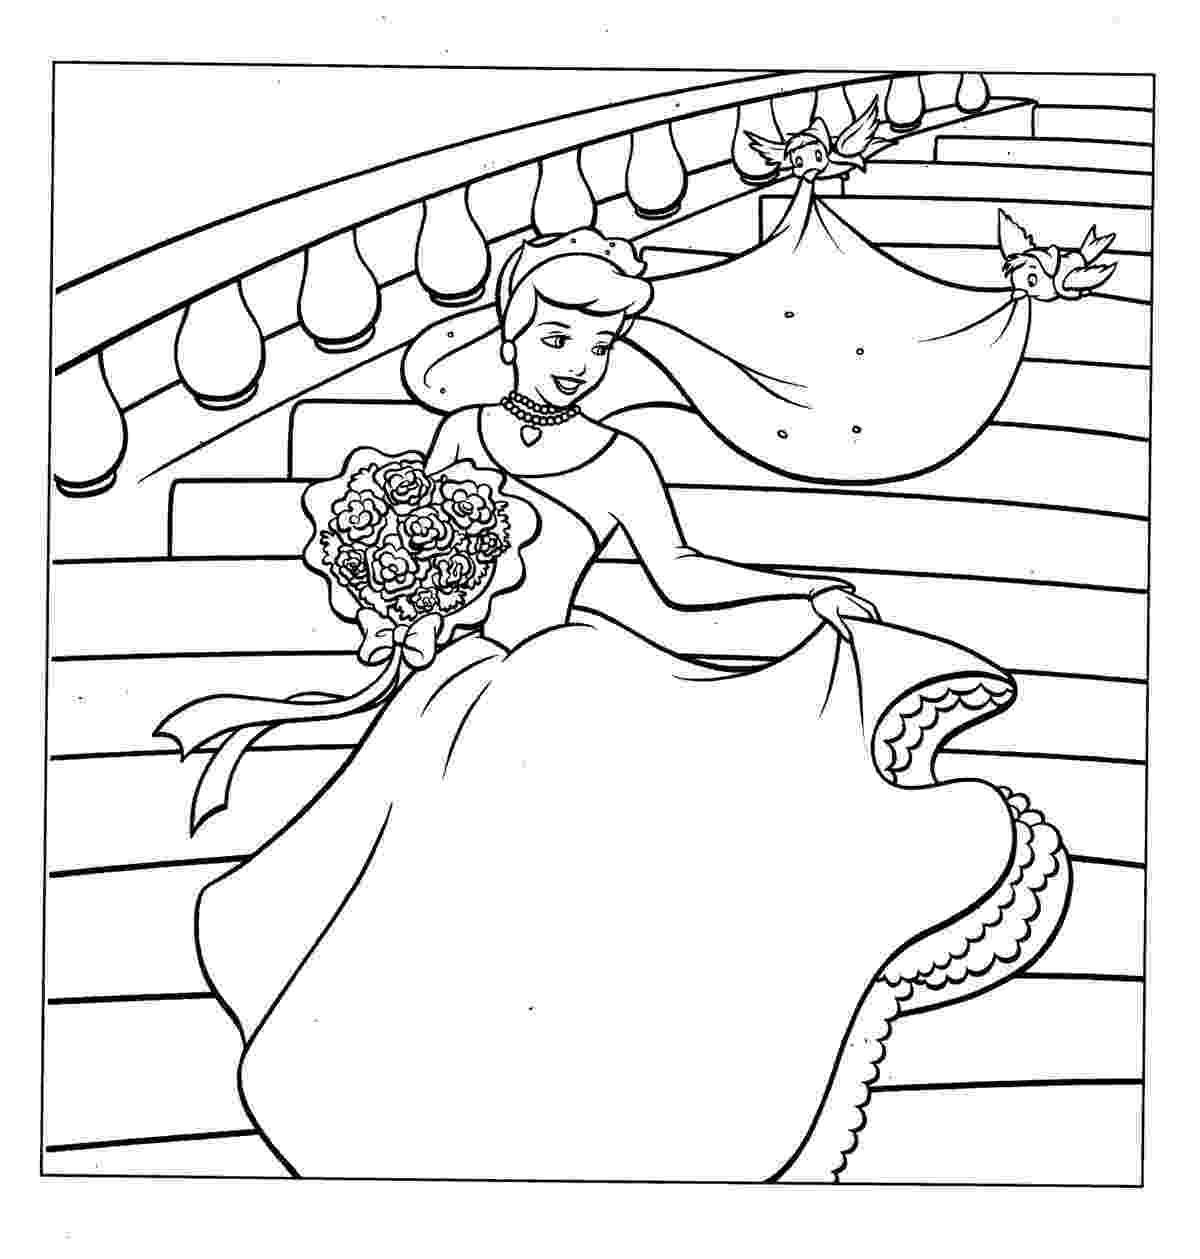 cinderella printable coloring pages princess cinderella coloring pages ideas coloring pages printable cinderella